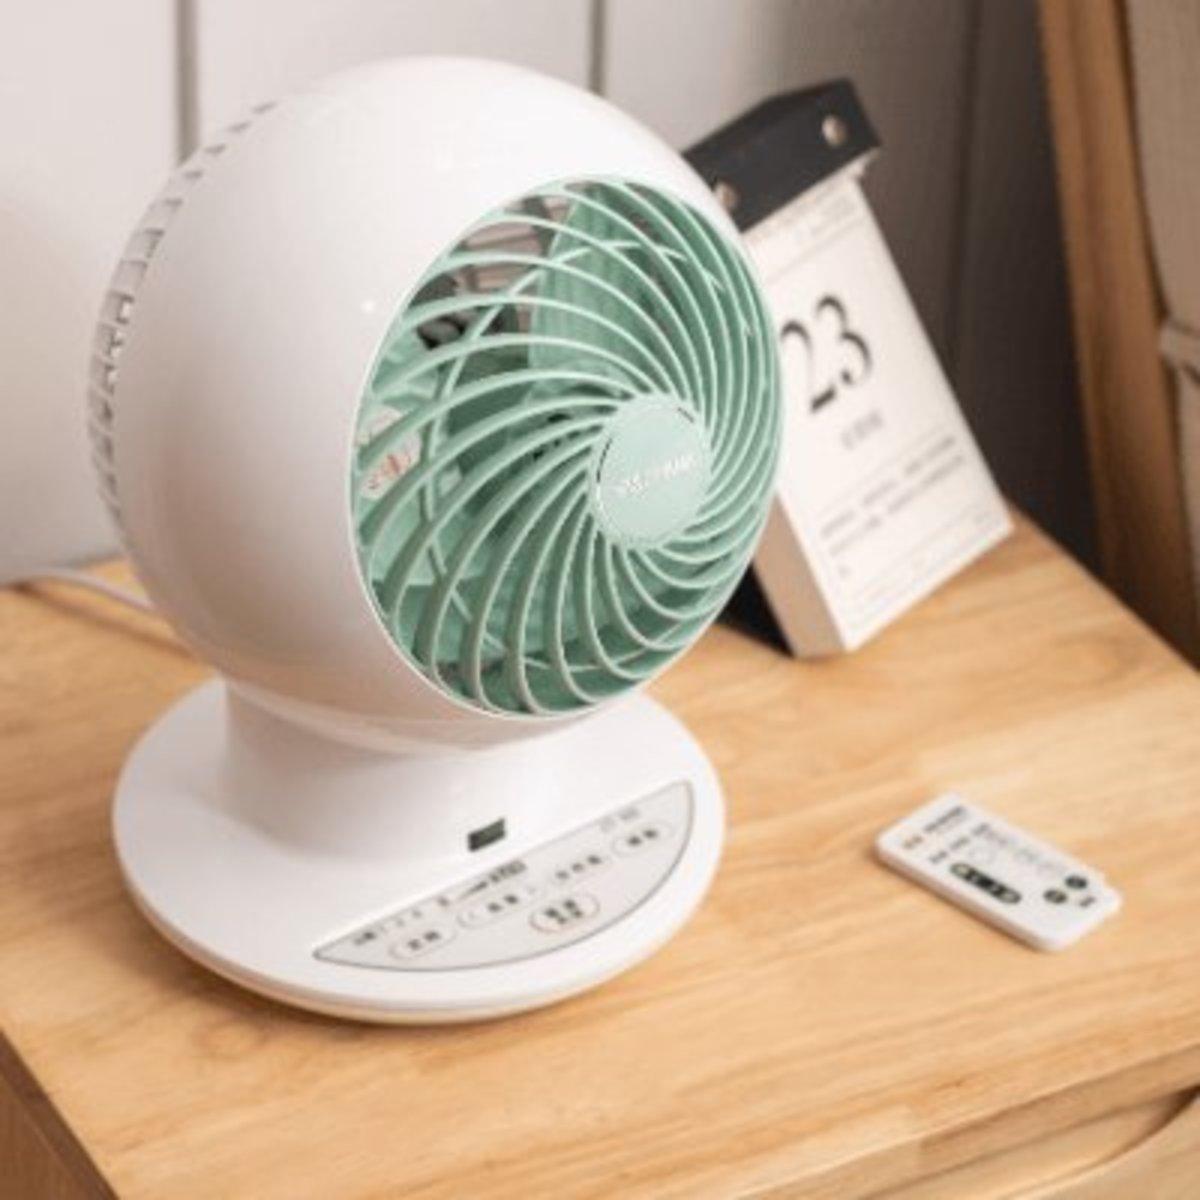 PCF-SC15T 超強全方位靜音循環風扇 綠色 香港行貨